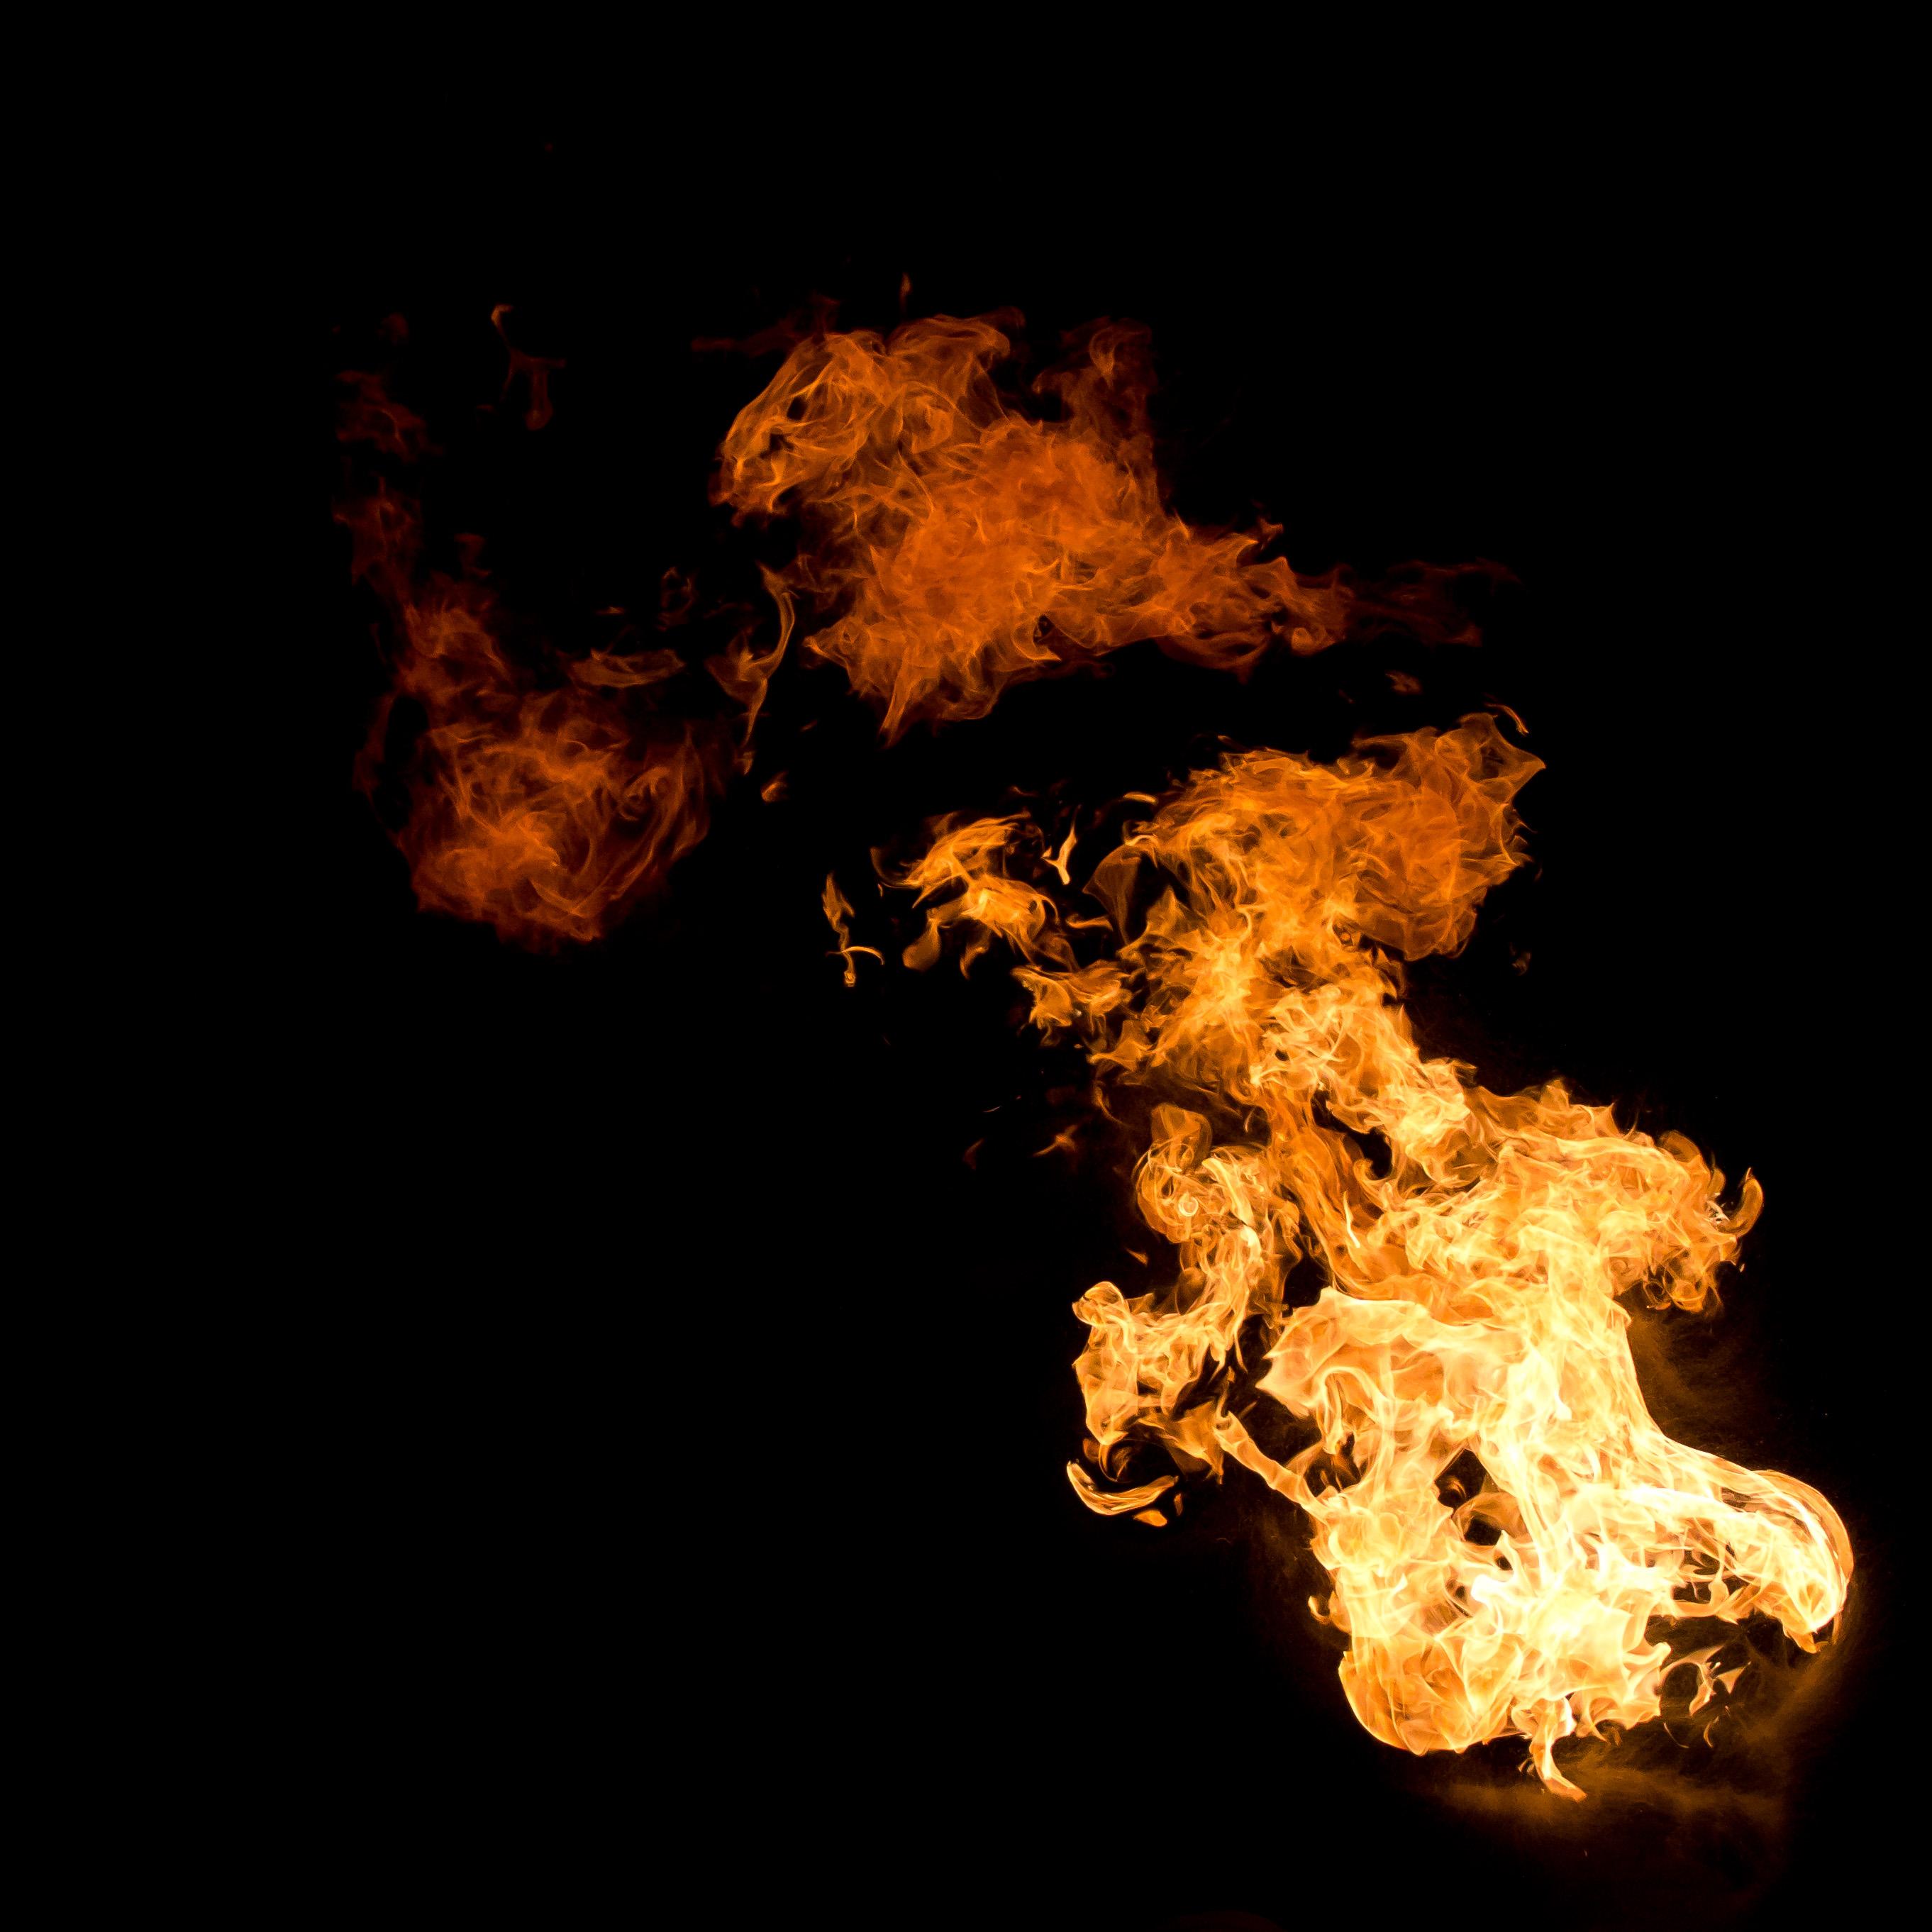 37 Fireball of Flame Fire